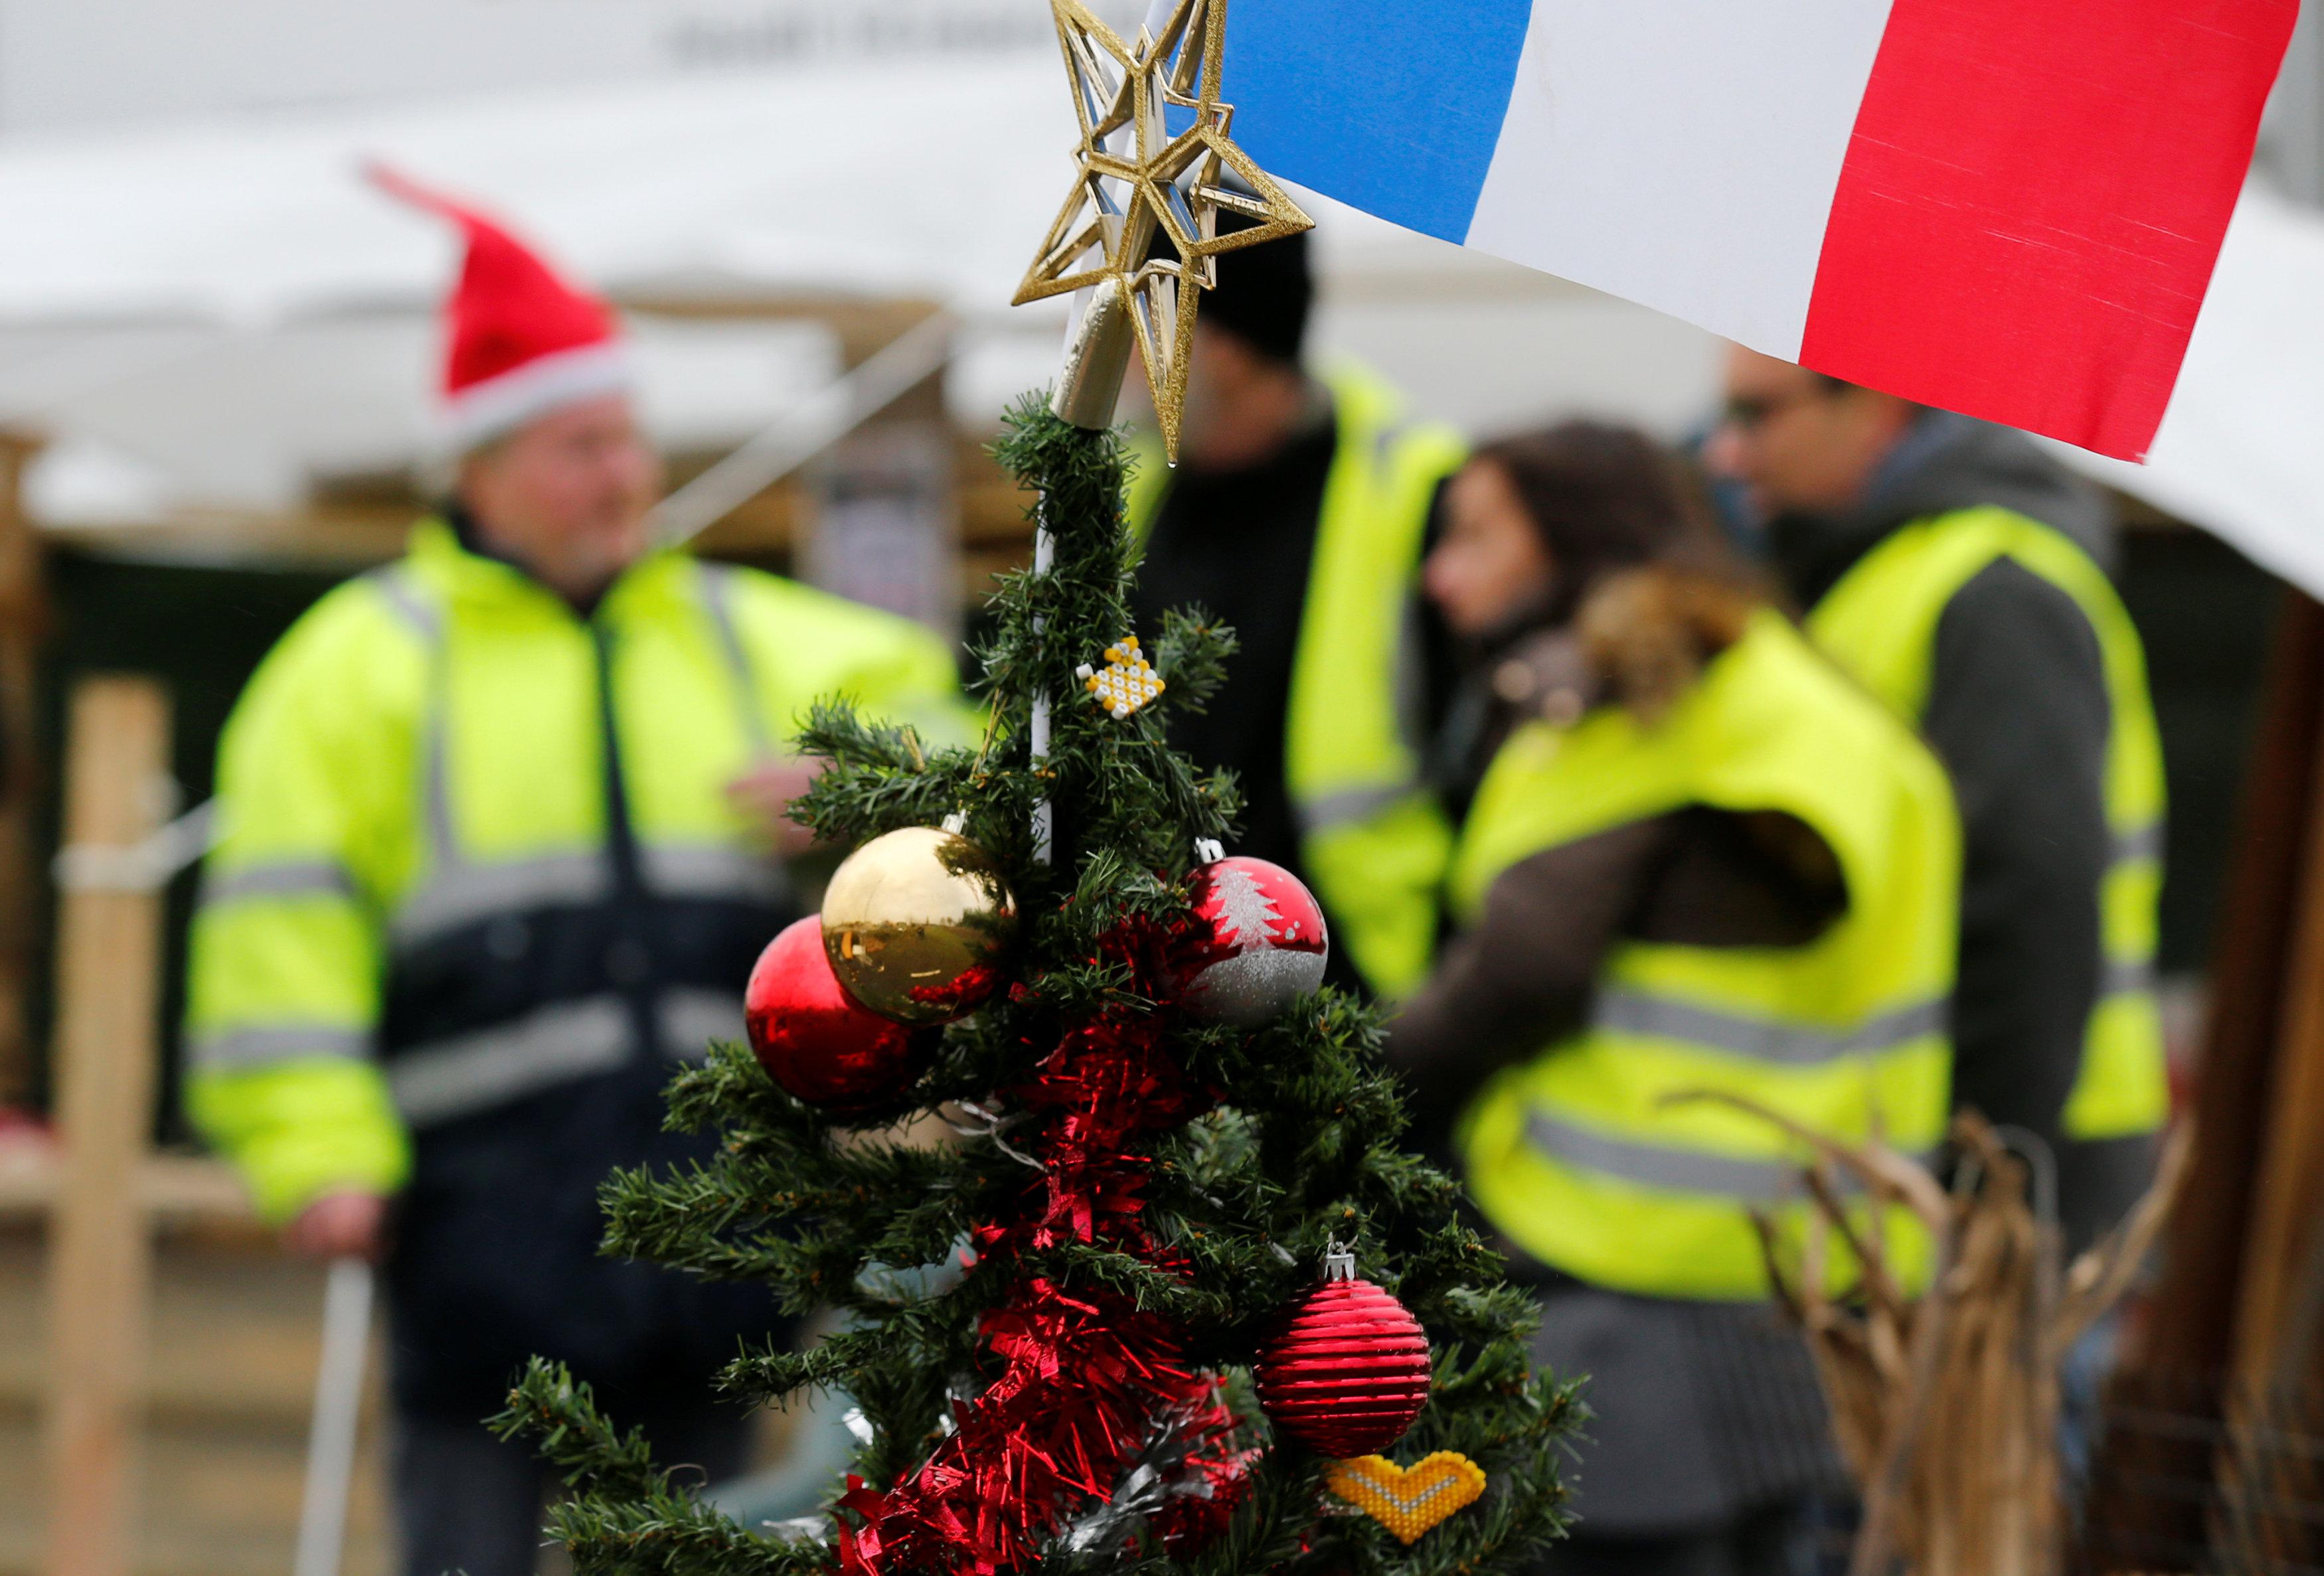 شجرة كريسماس فى مخيمات المتظاهرين